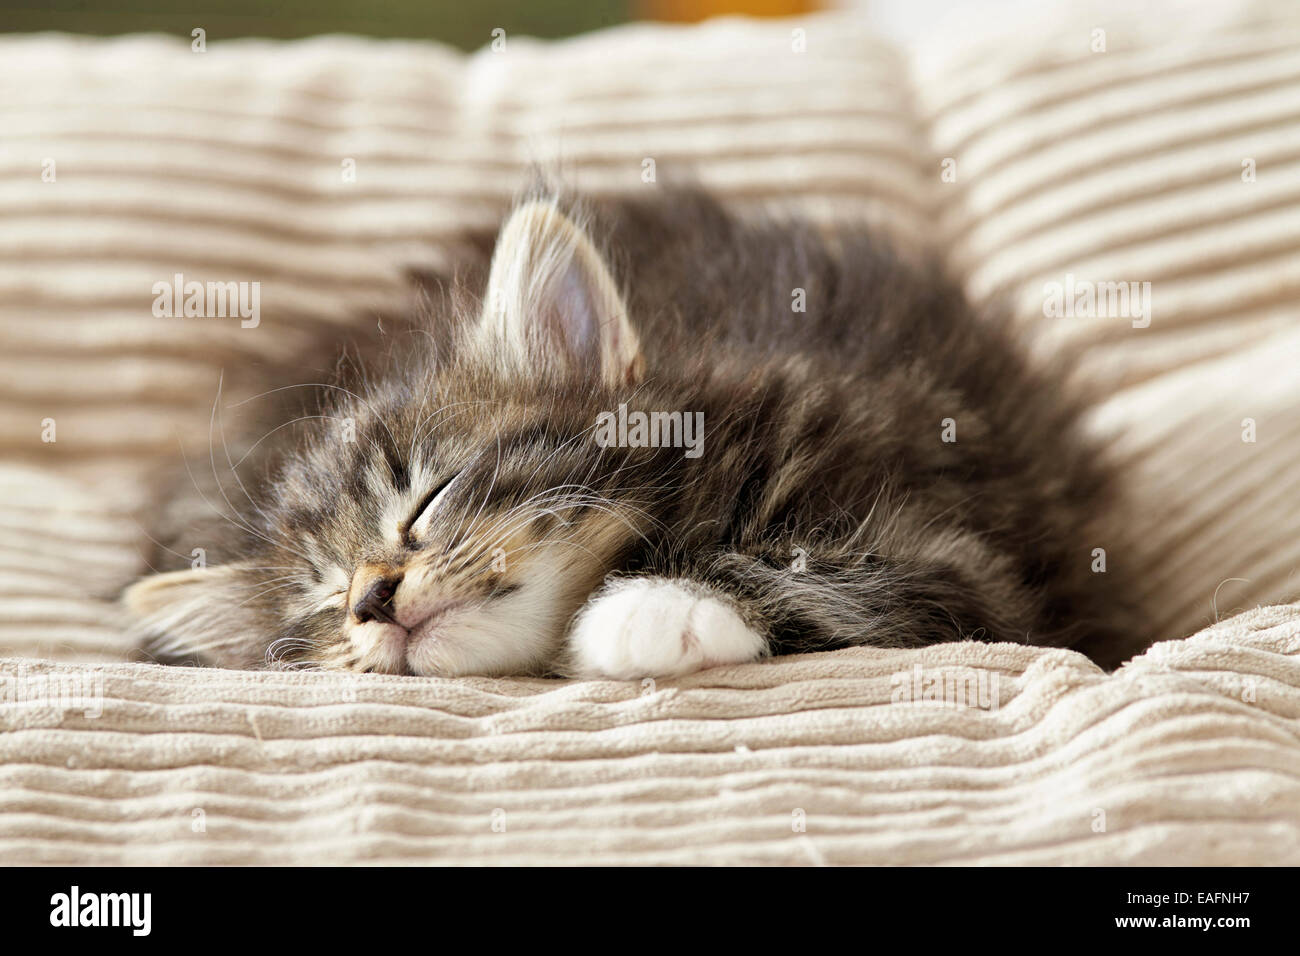 Norwegian Forest Cat Tabby Kitten Sleeping Blanket Germany